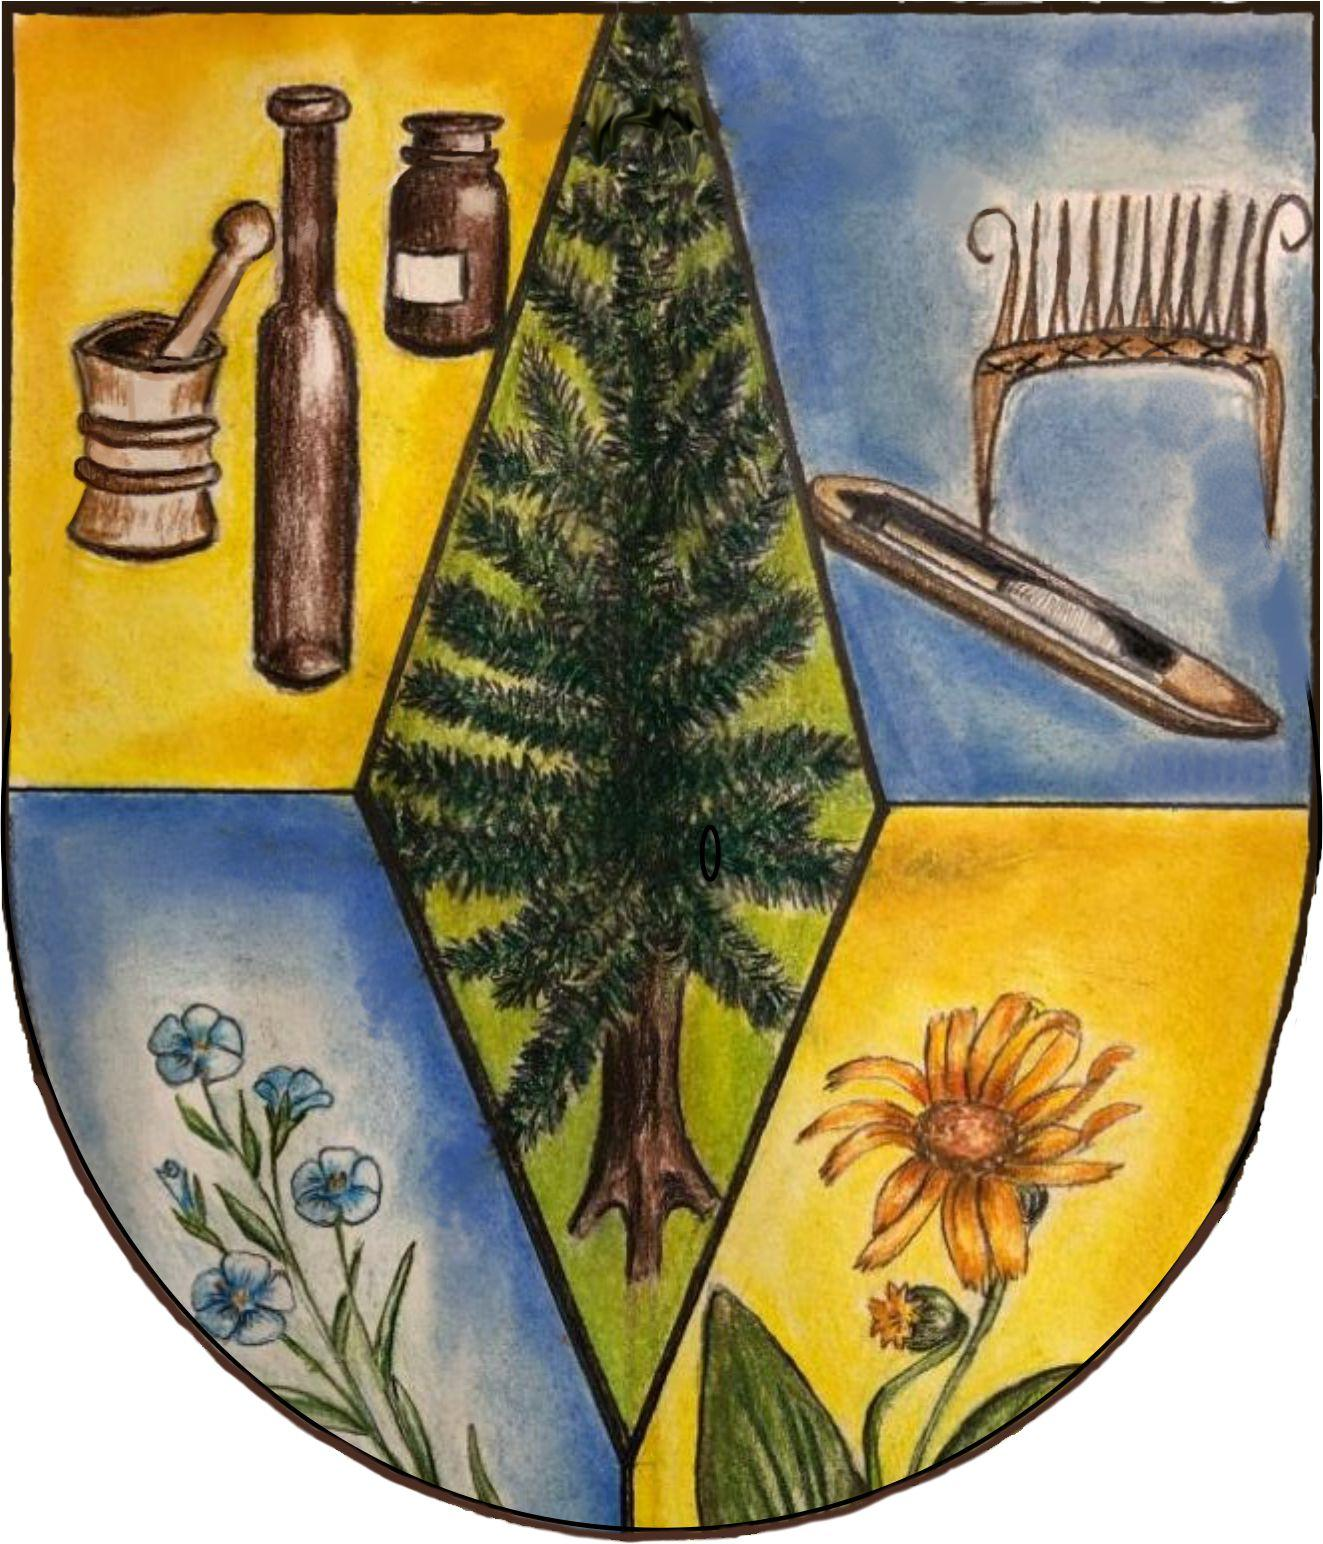 Wappen Allersdorf Wappenform